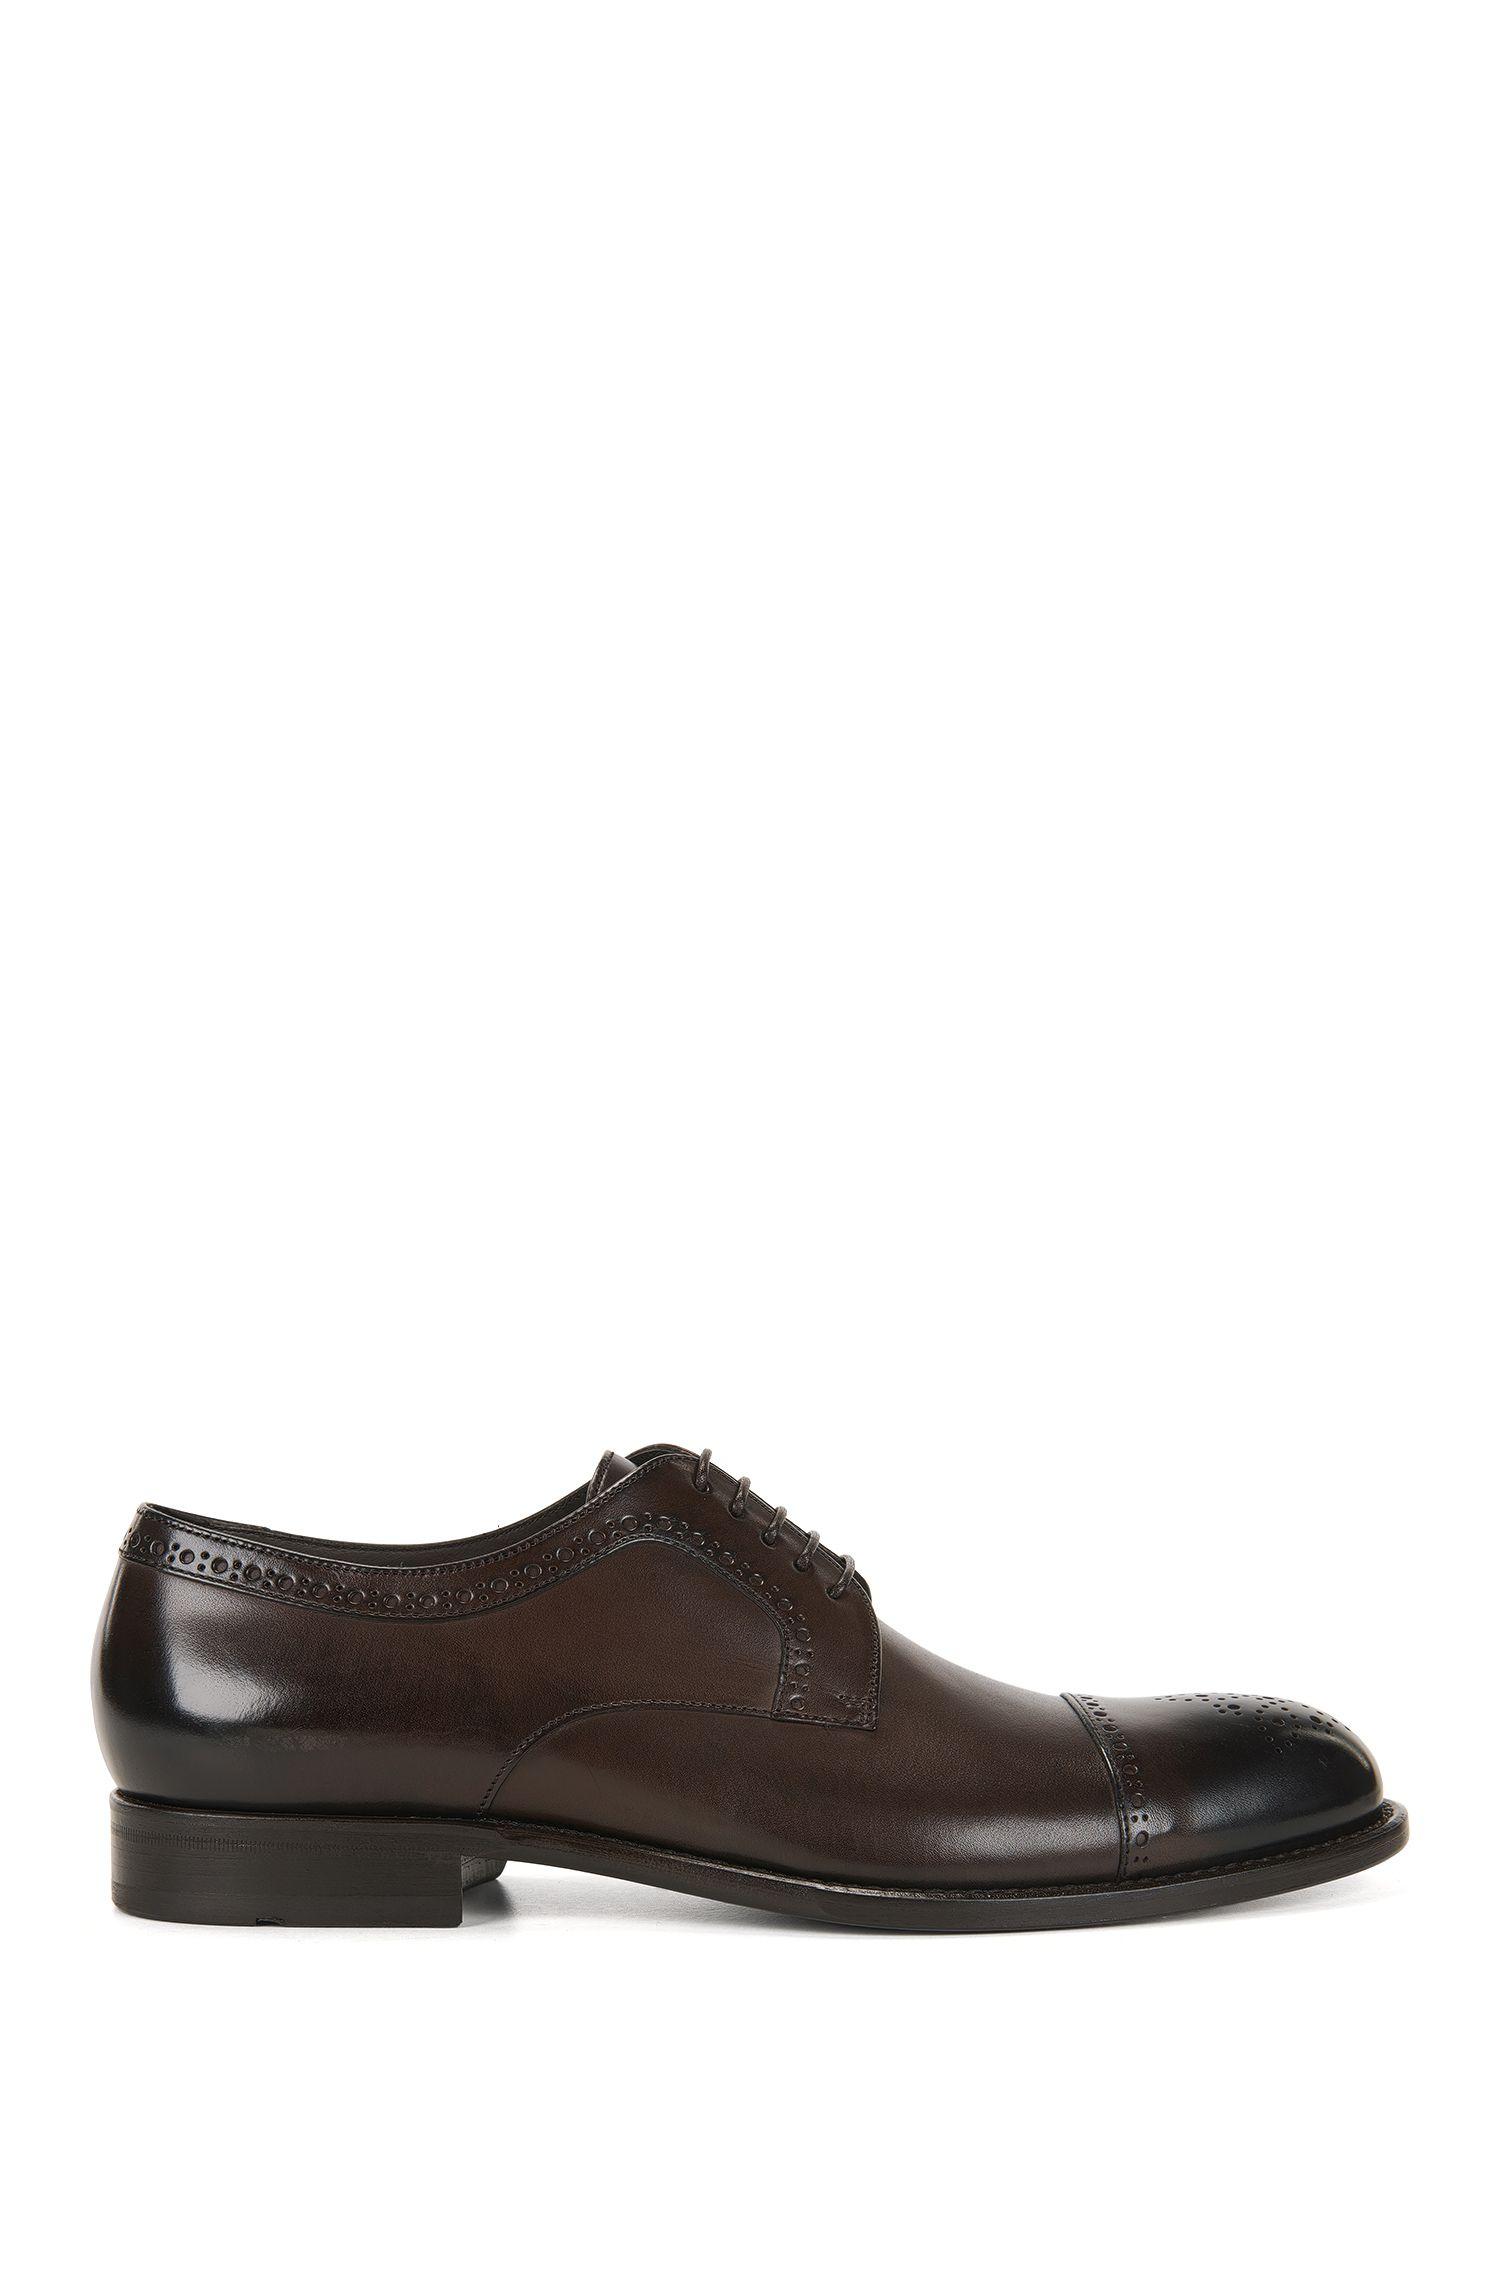 Chaussures derby en cuir à détails richelieu